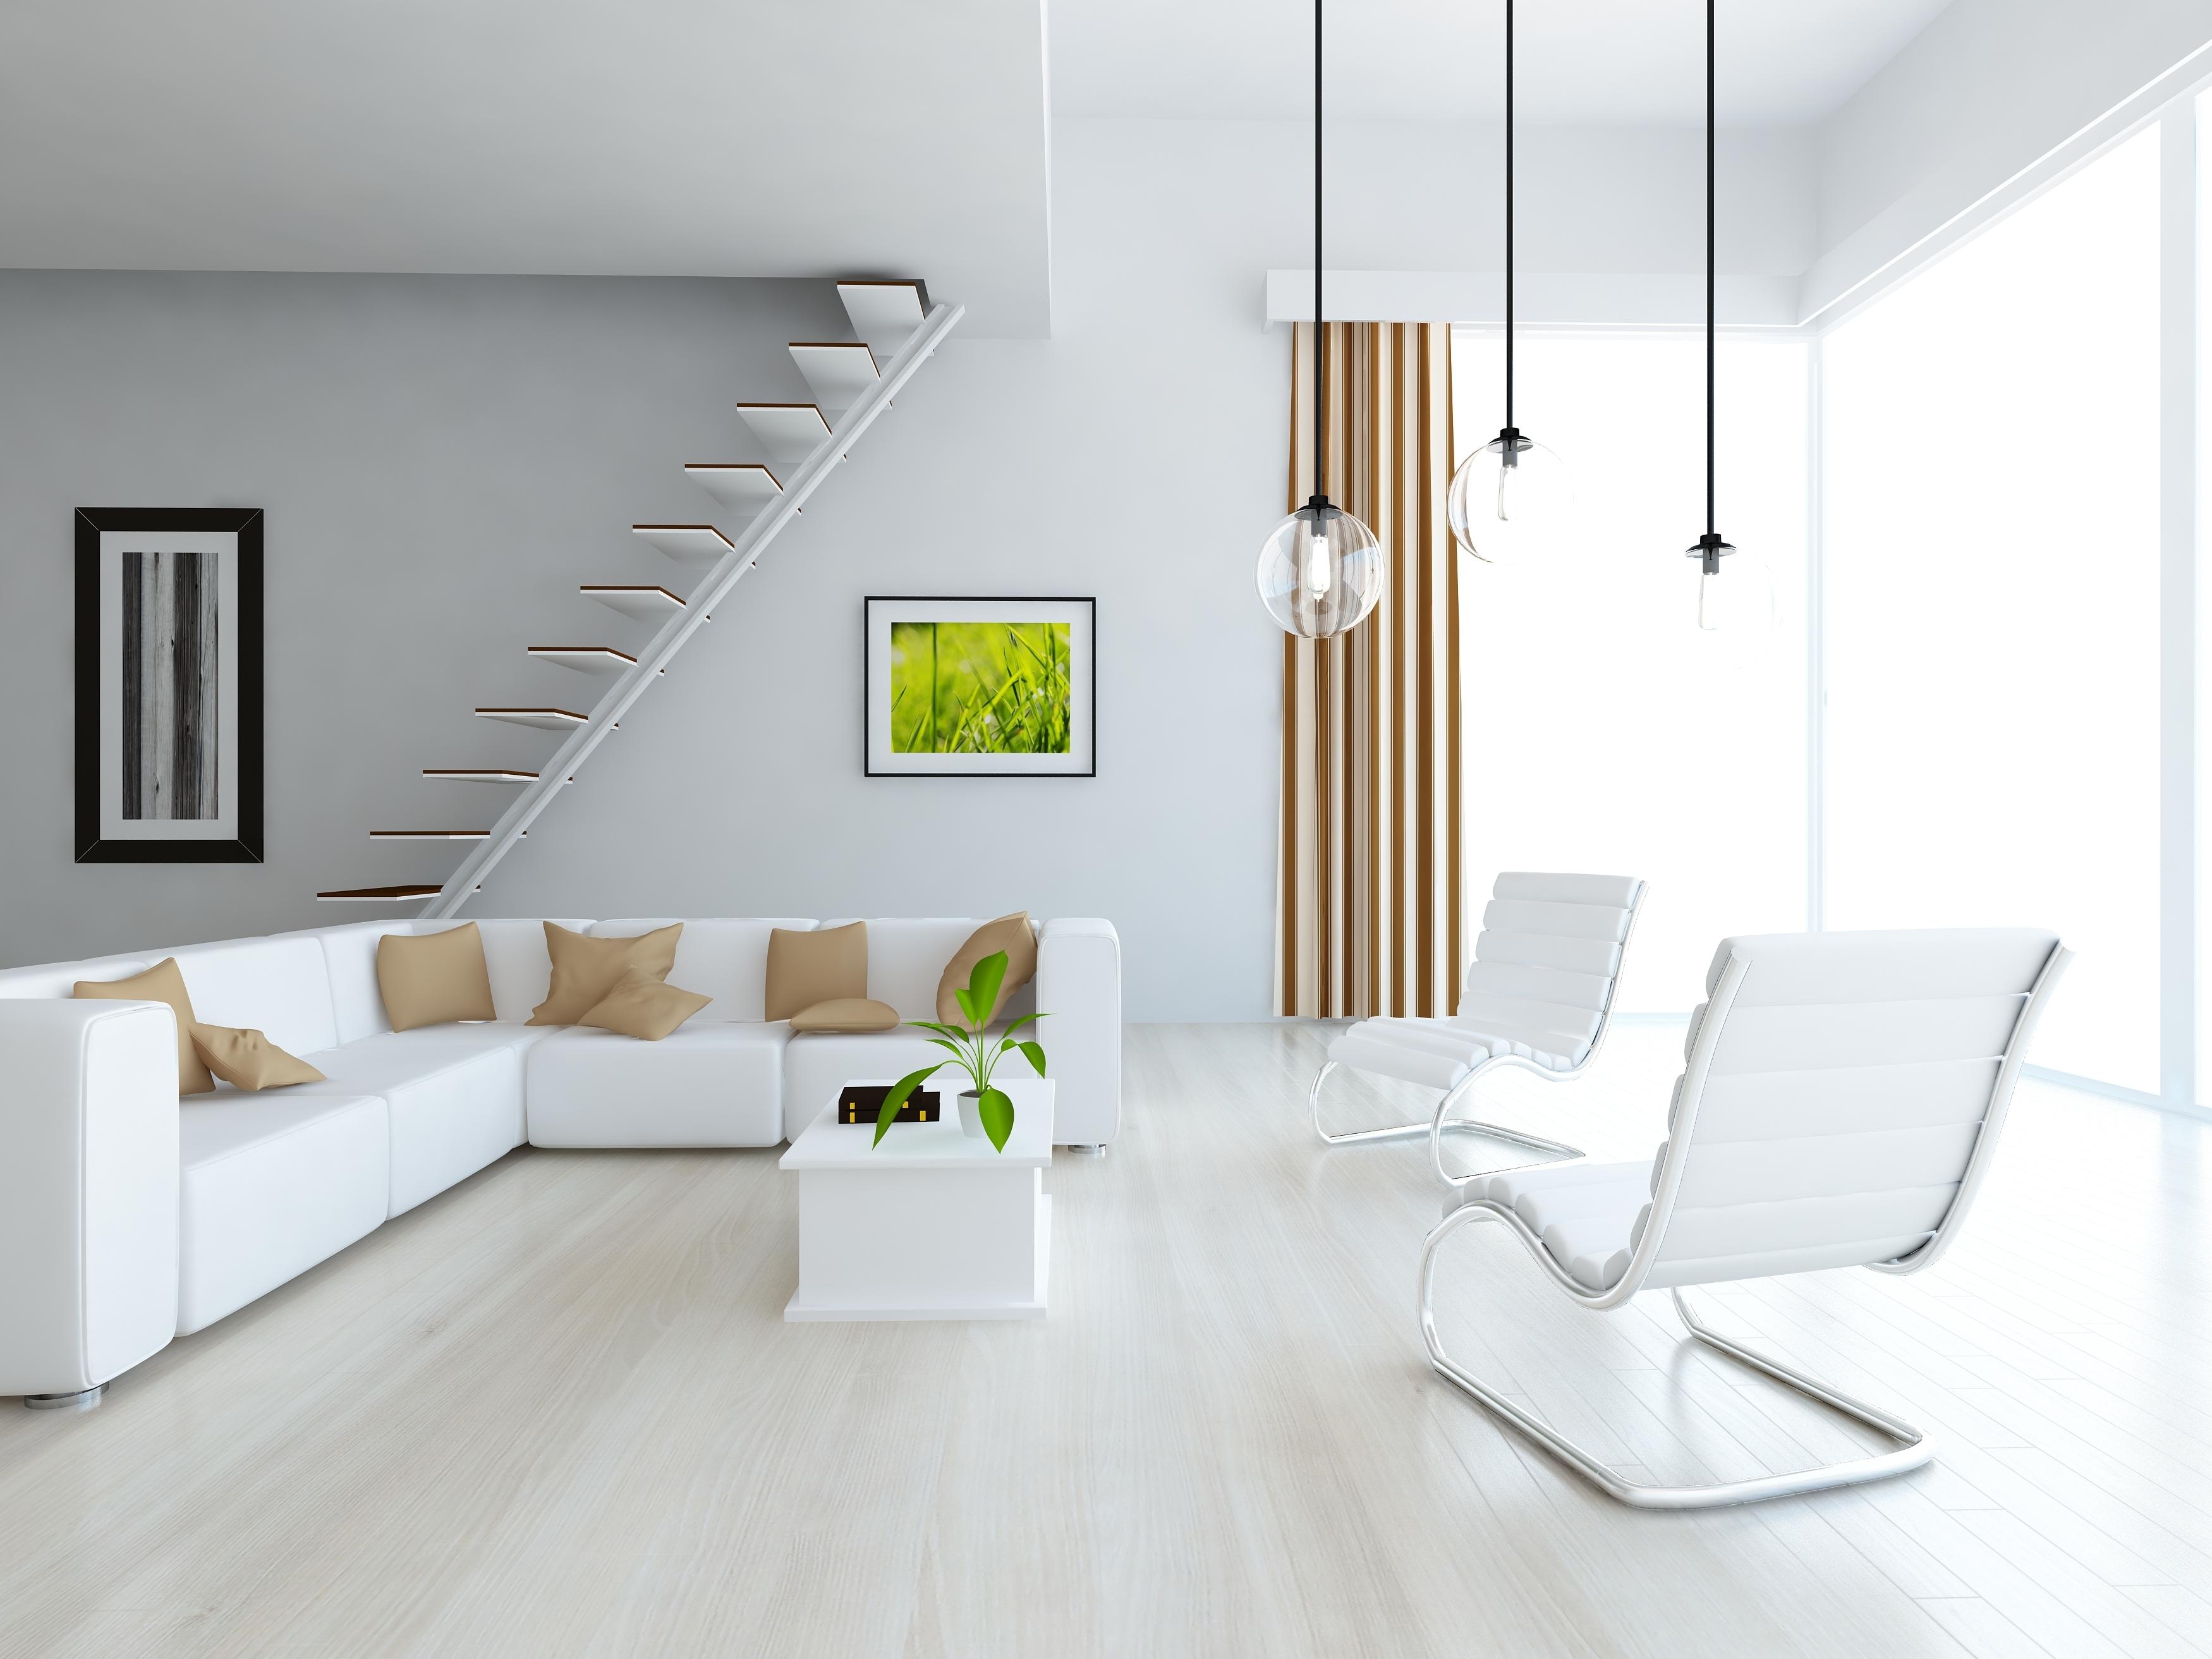 décoration intérieure en airbnb